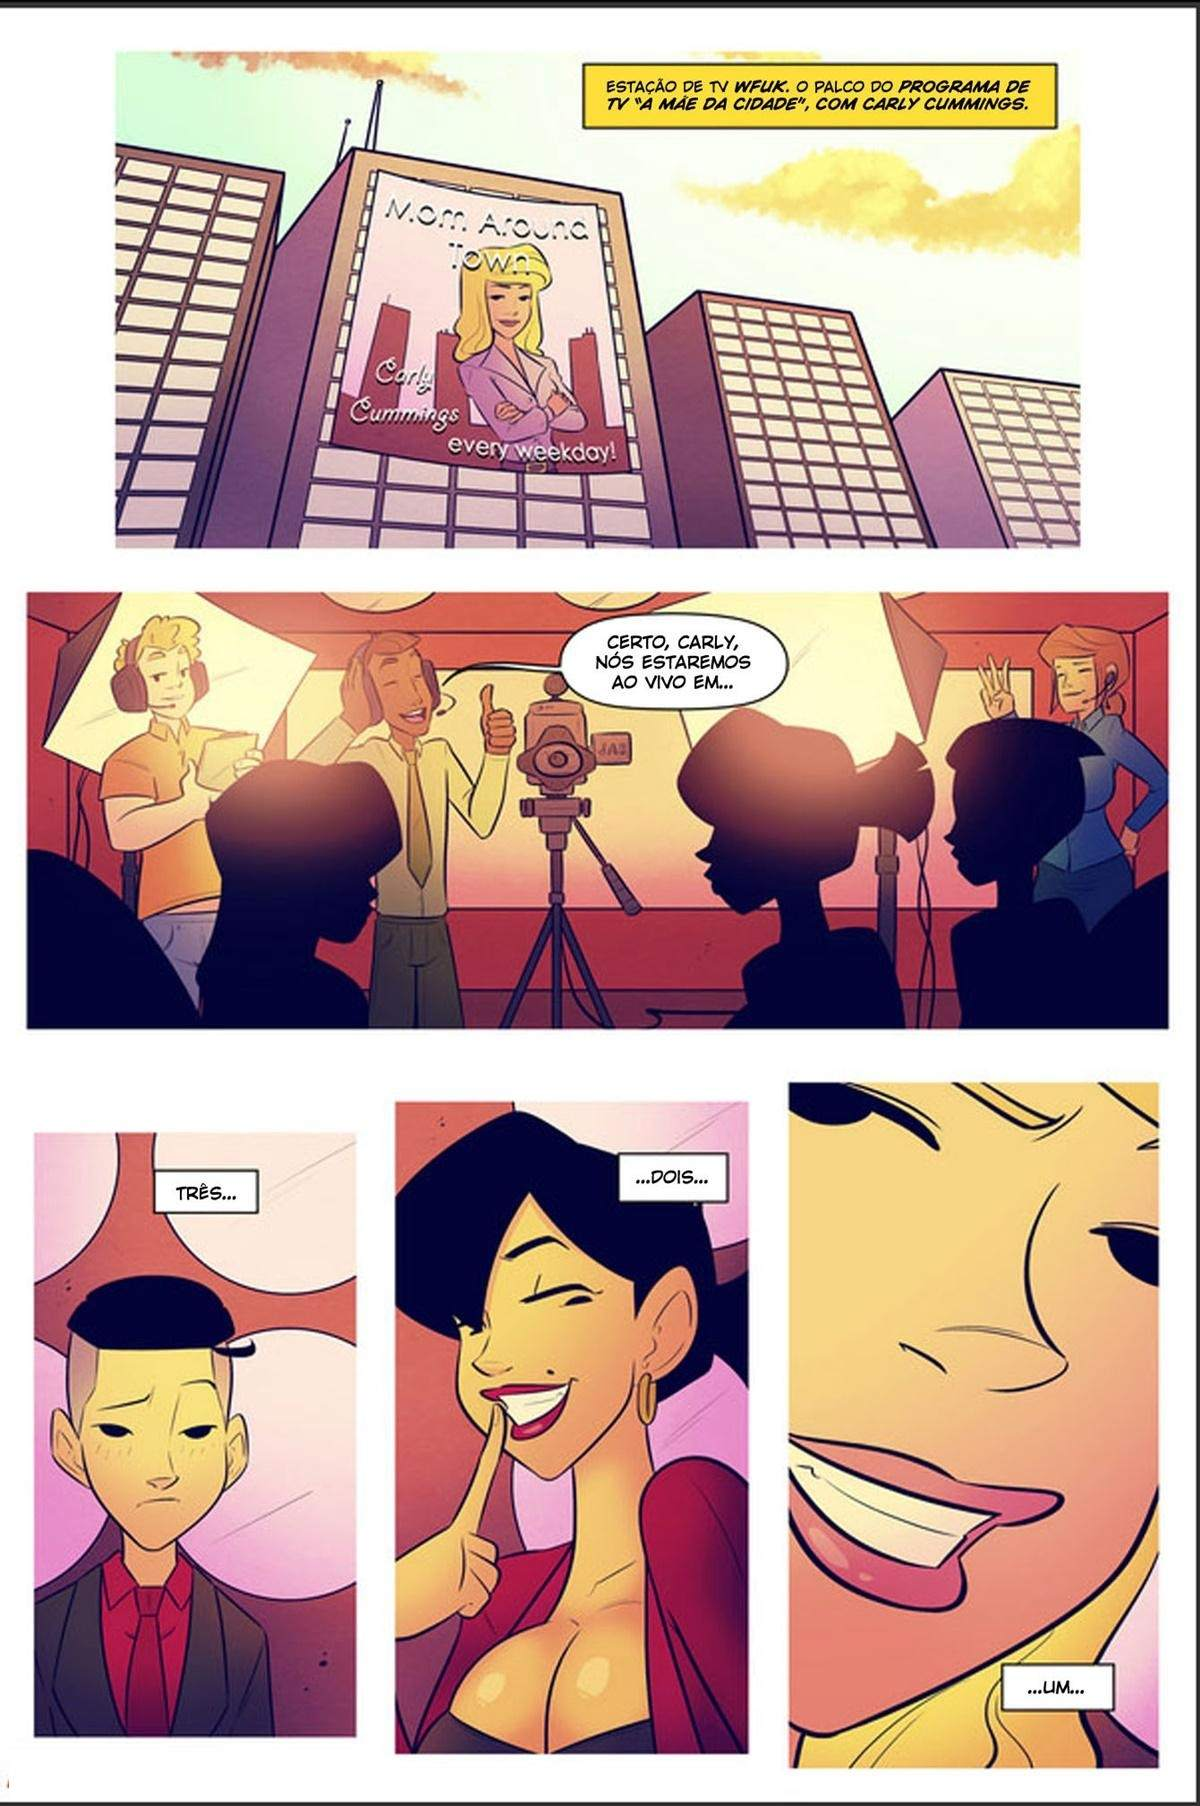 Minha Mae A Estrela da Turne do Livro The Hentai pt br 15 - hentai, comics-hq